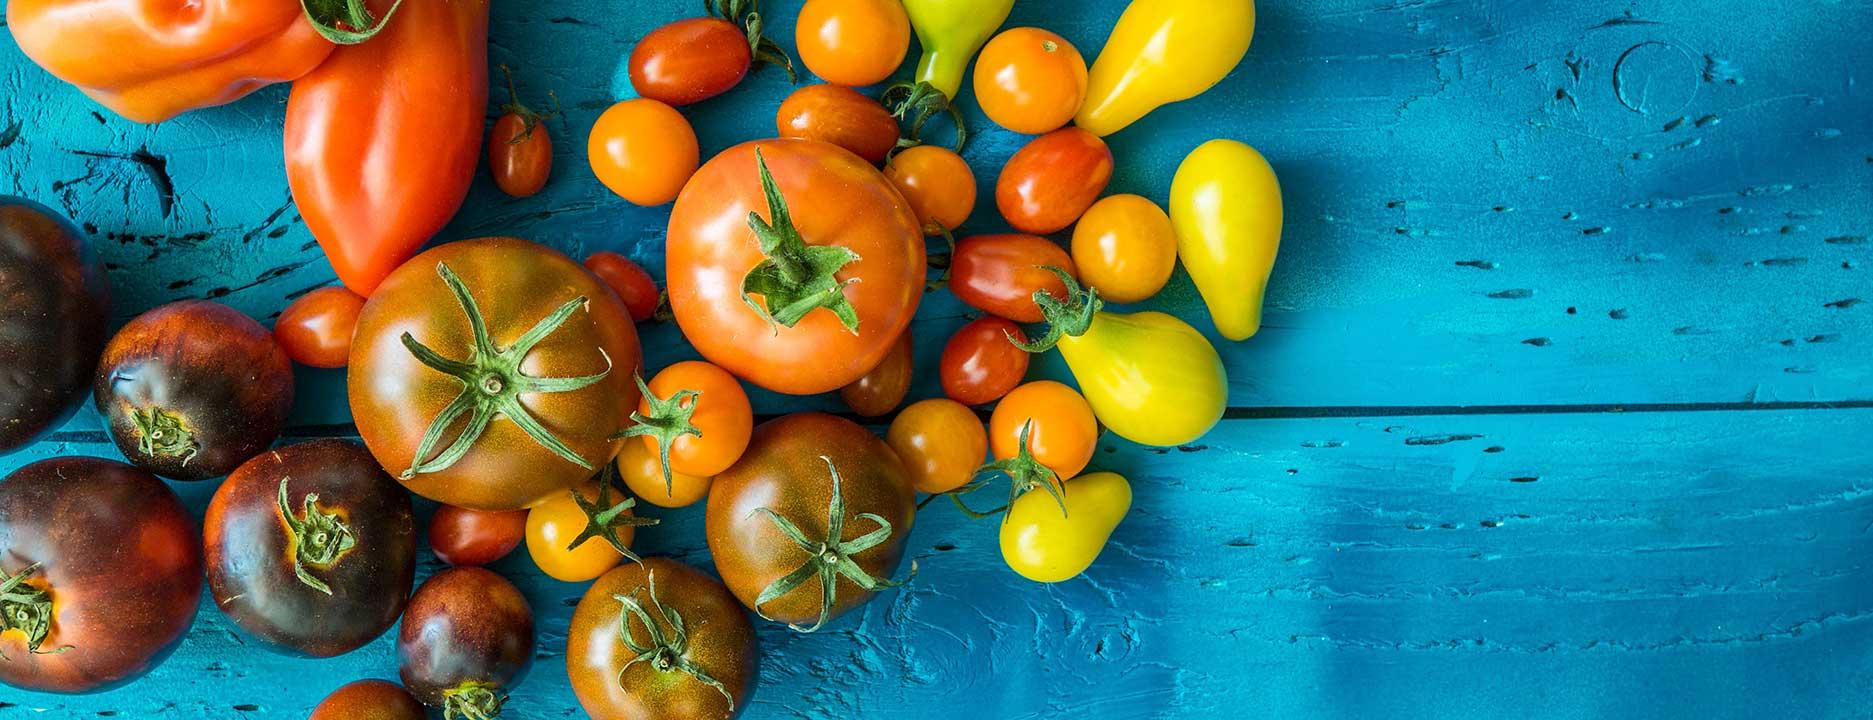 Gesund essen: Wie viel Obst und Gemüse?